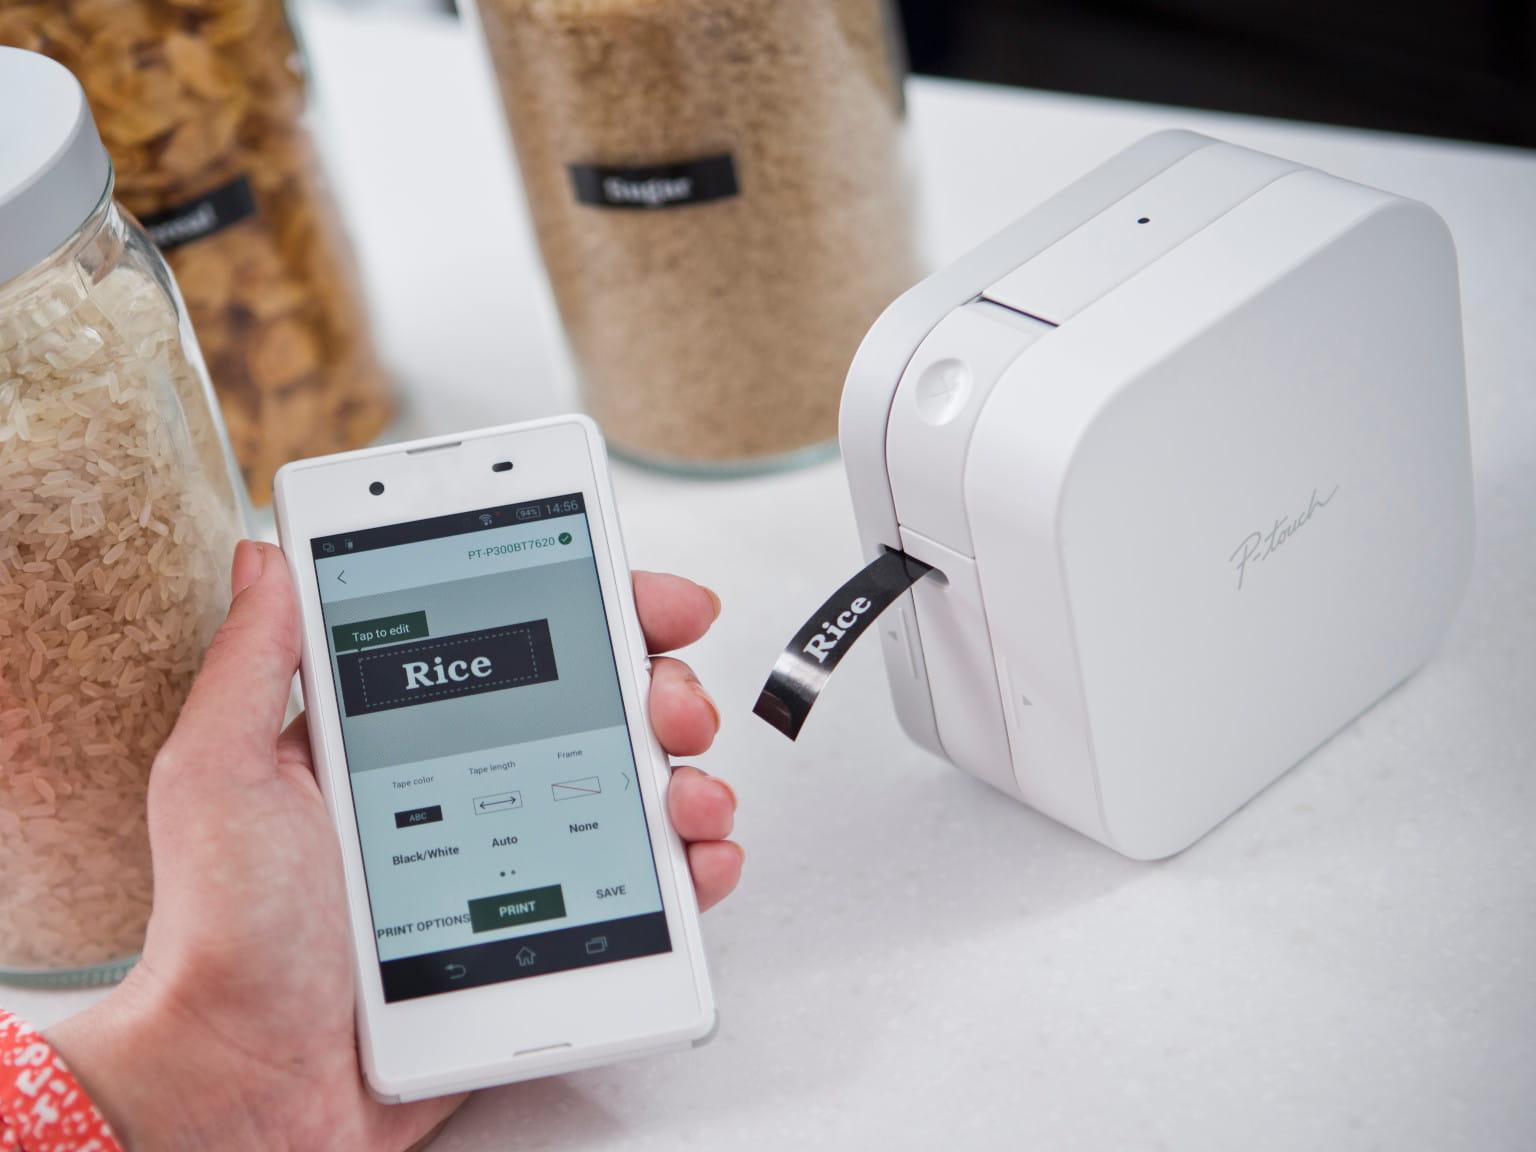 Etichettatrice P-touch CUBE con smartphone e contenitori per alimenti